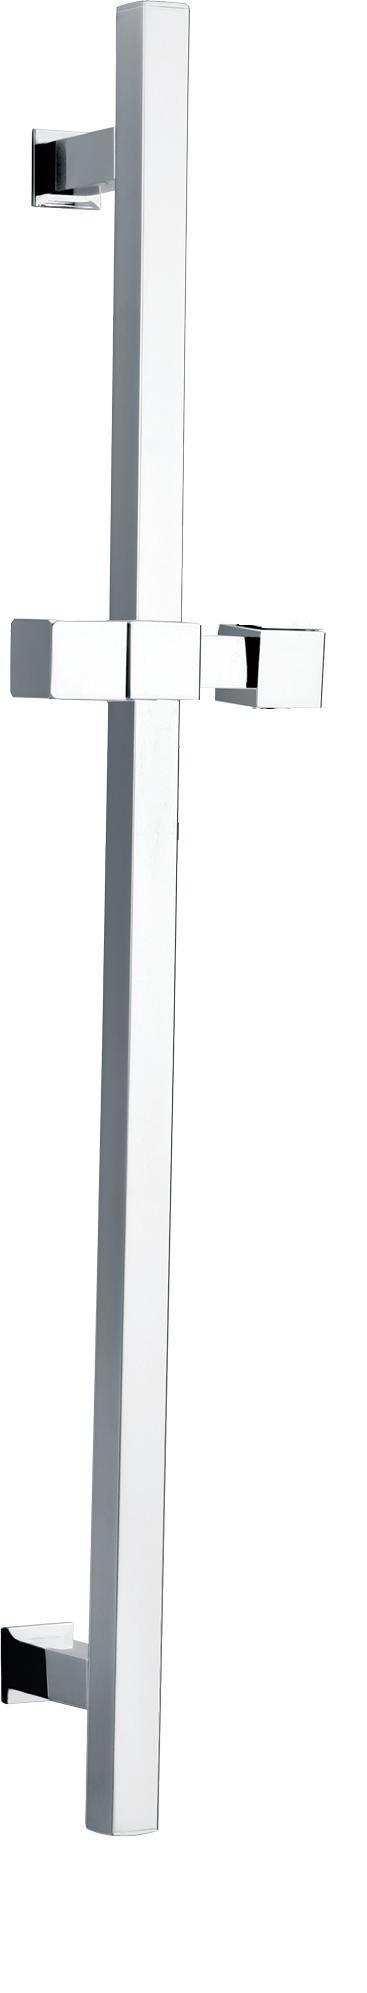 STYLE SR 31 Arttec Posuvný držák na ruční sprchu, skladem